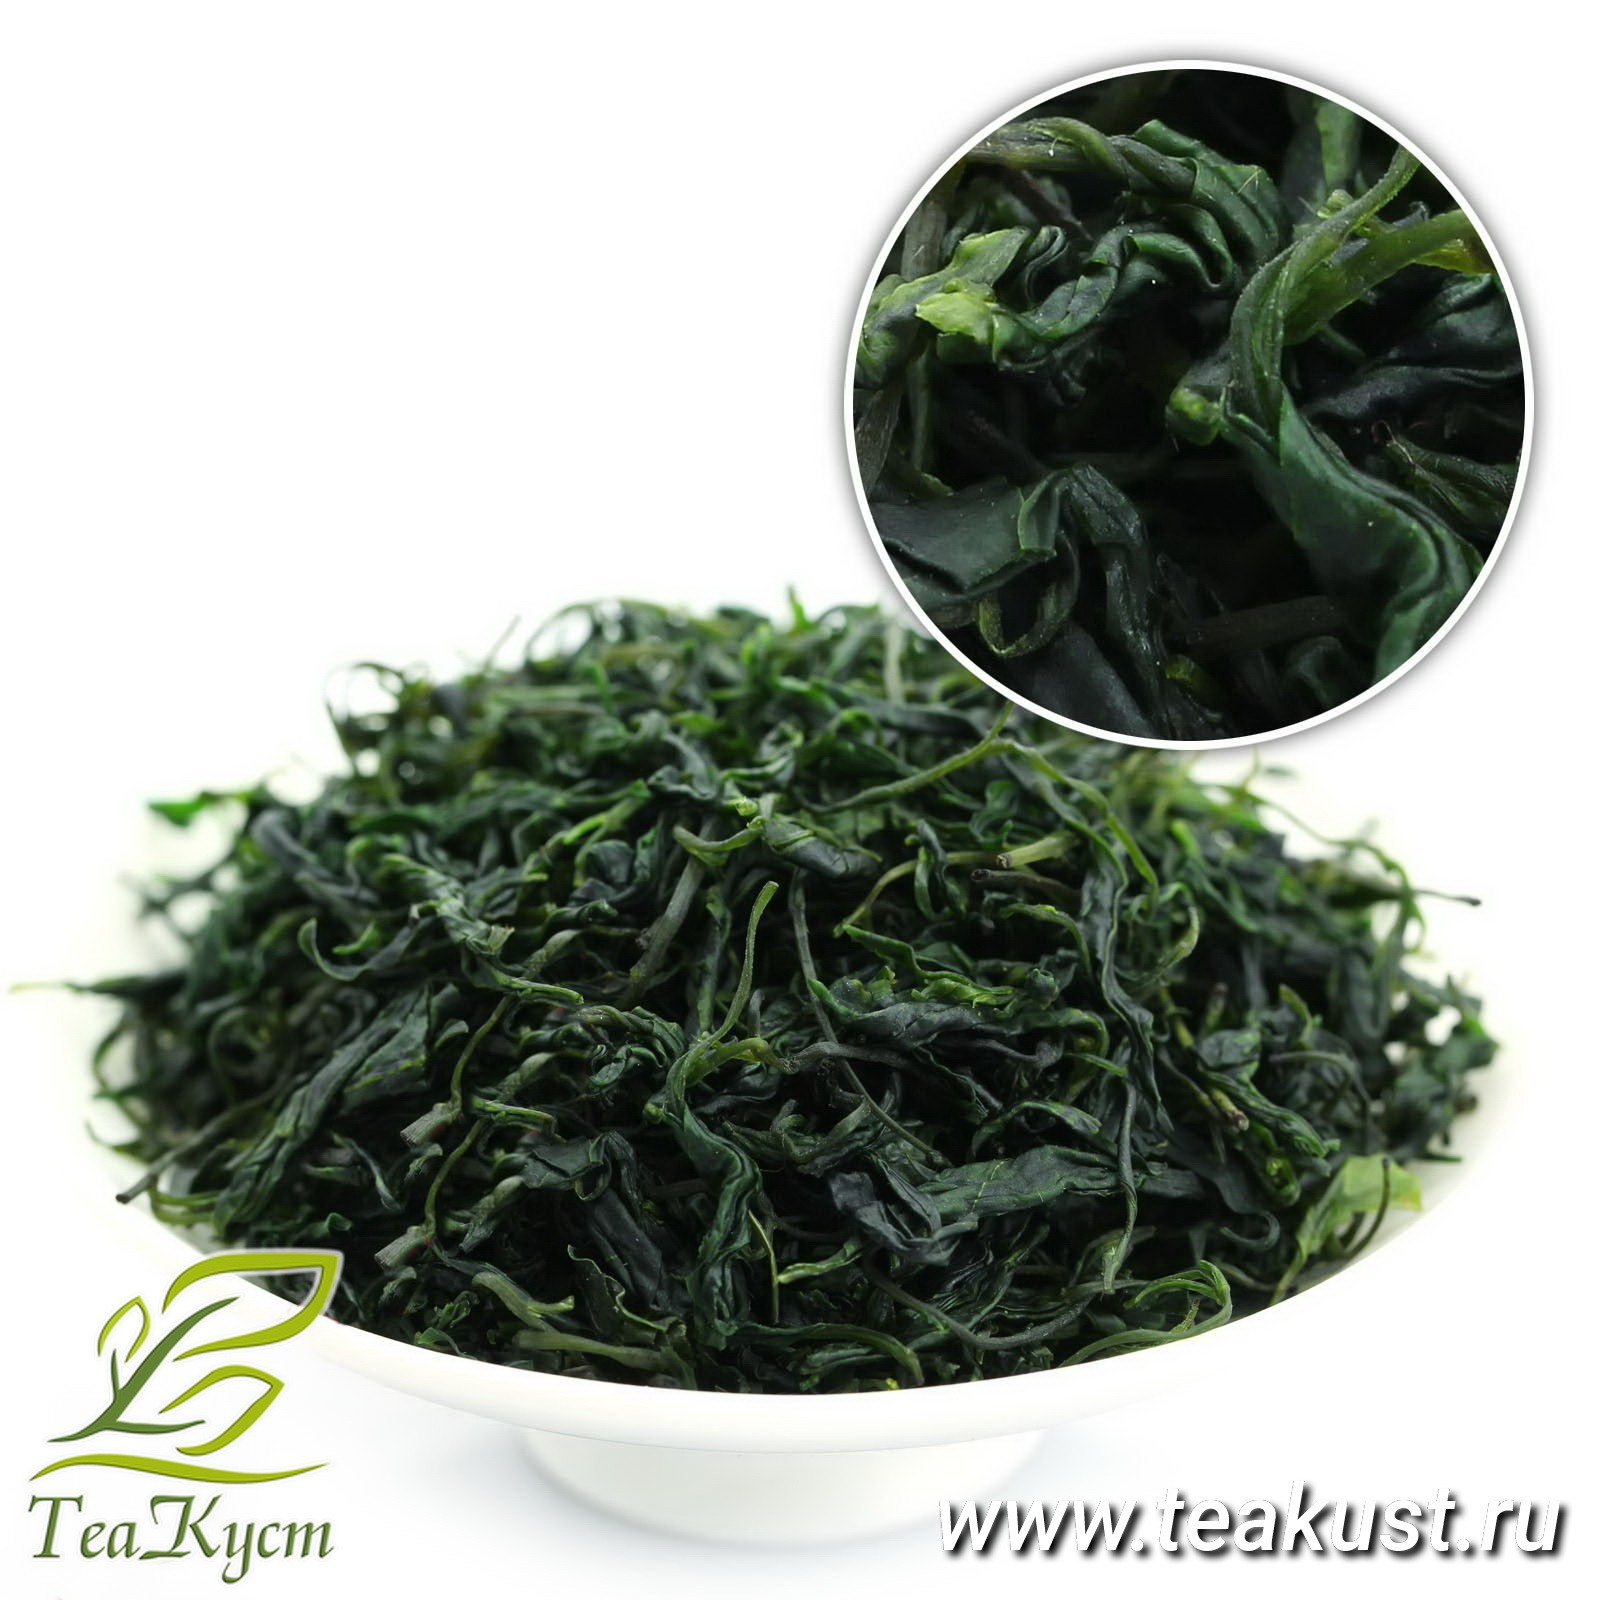 Кудин маленькие листочки - Китайский Травяной чай